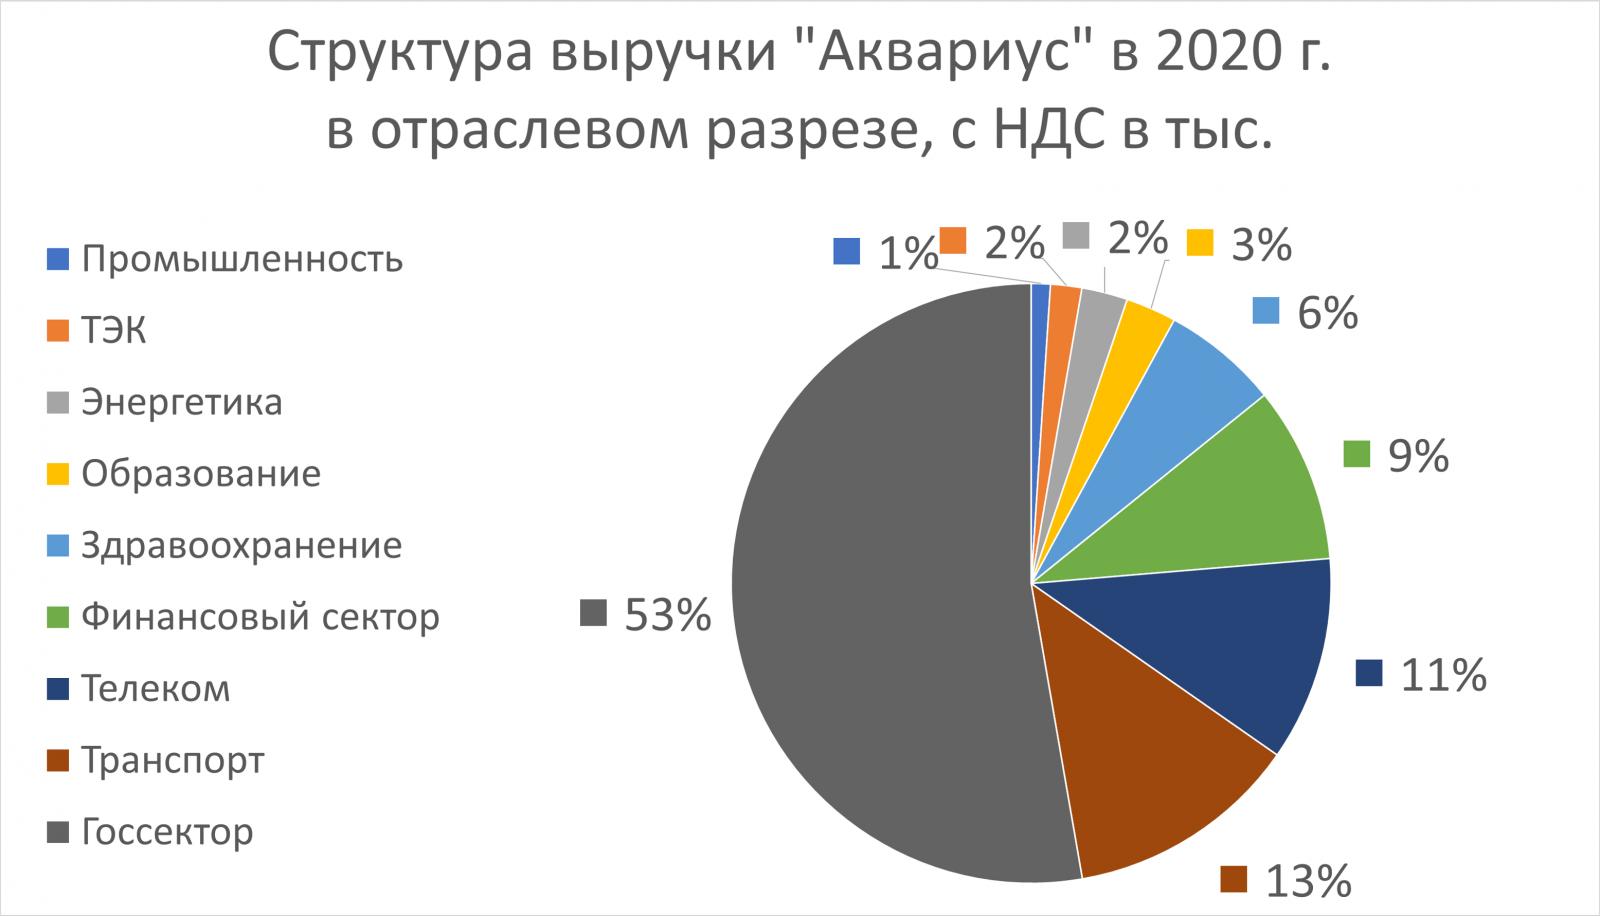 Компания «Аквариус» удвоила выручку по итогам 2020 года